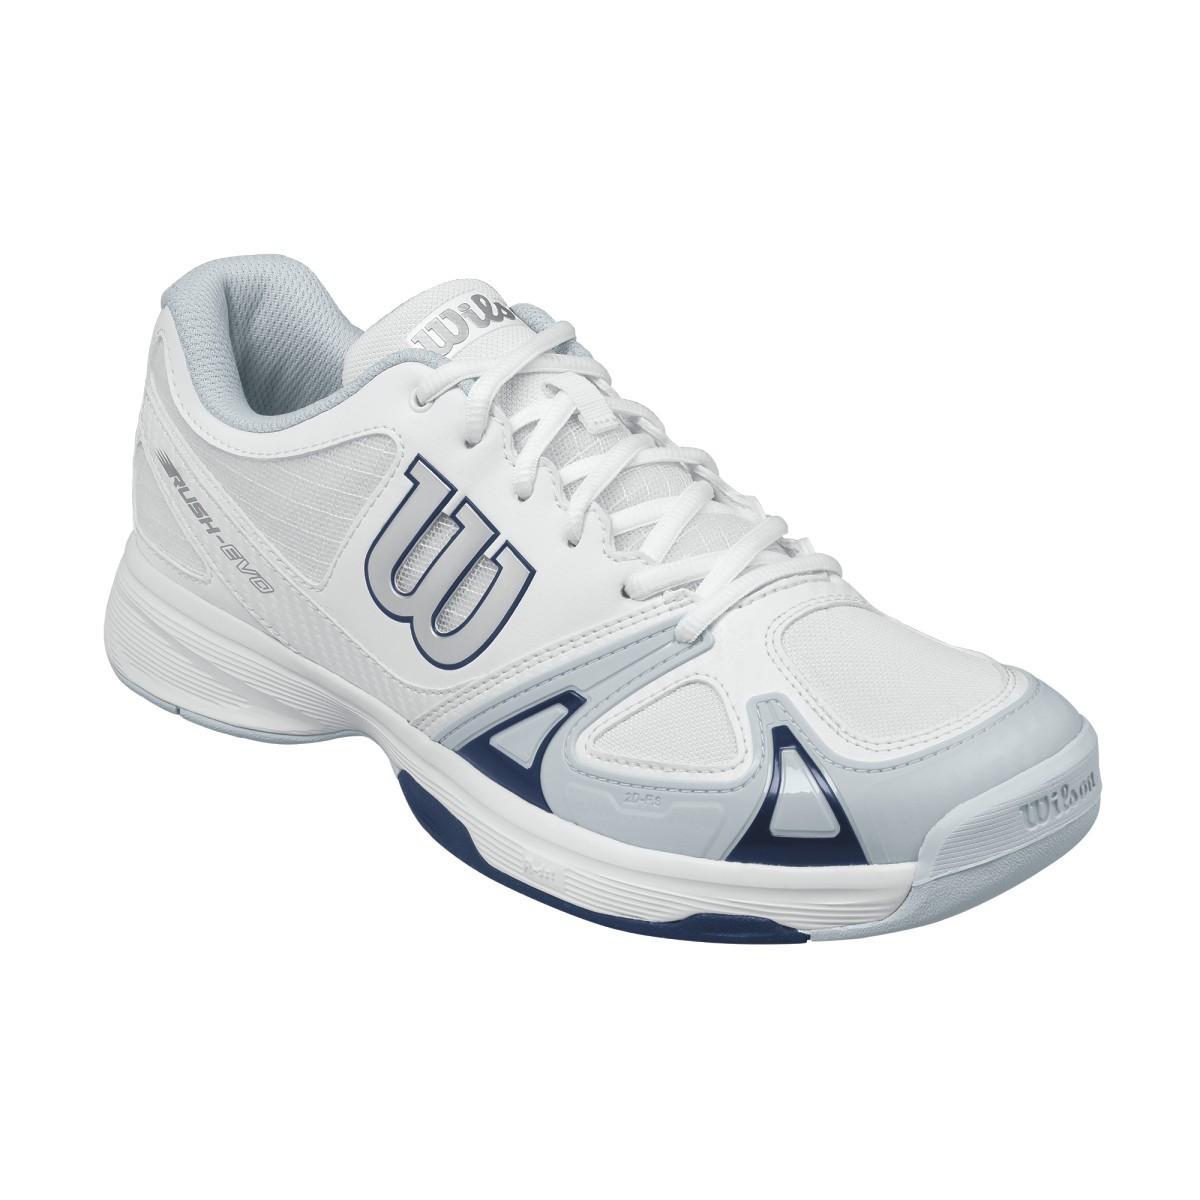 Buty tenisowe Wilson Rush Evo - wyprzedaż!